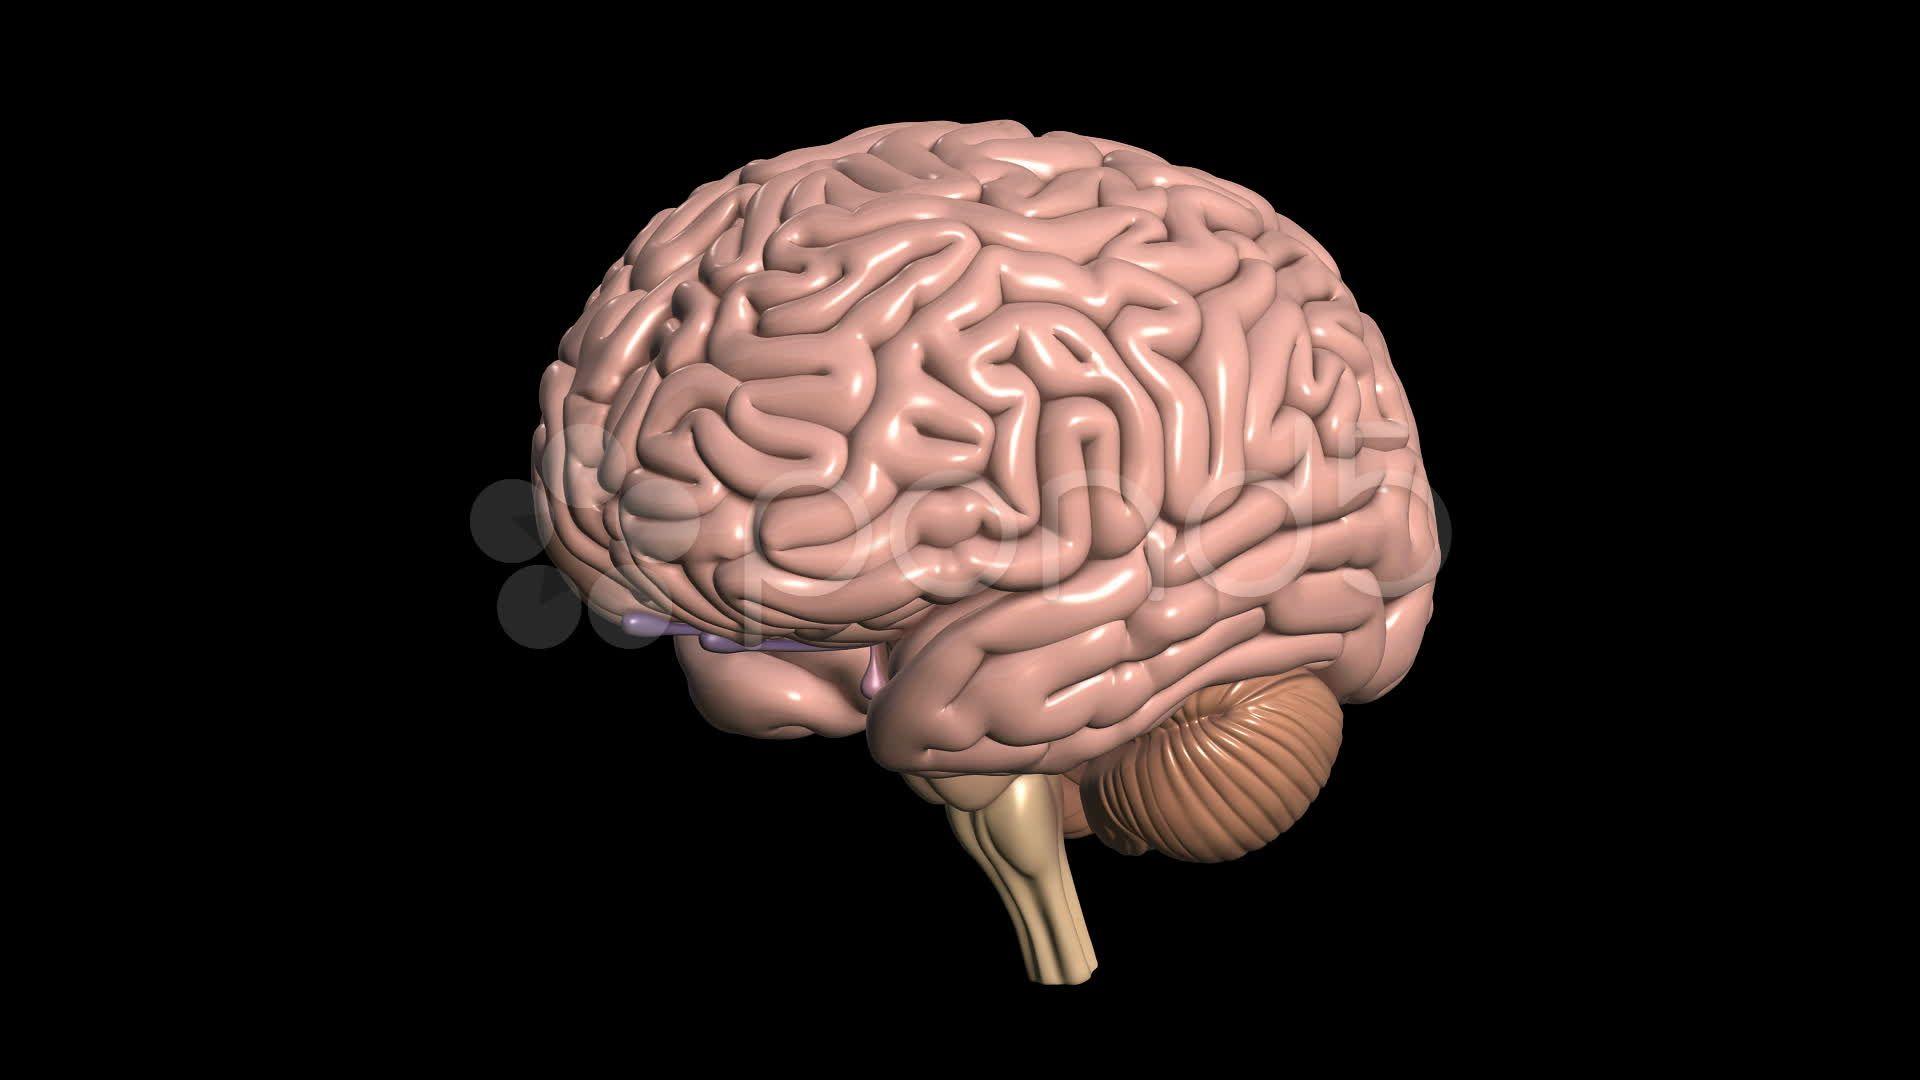 Image for 3D Brain Wallpaper Coll   brain   Pinterest   Brain ...